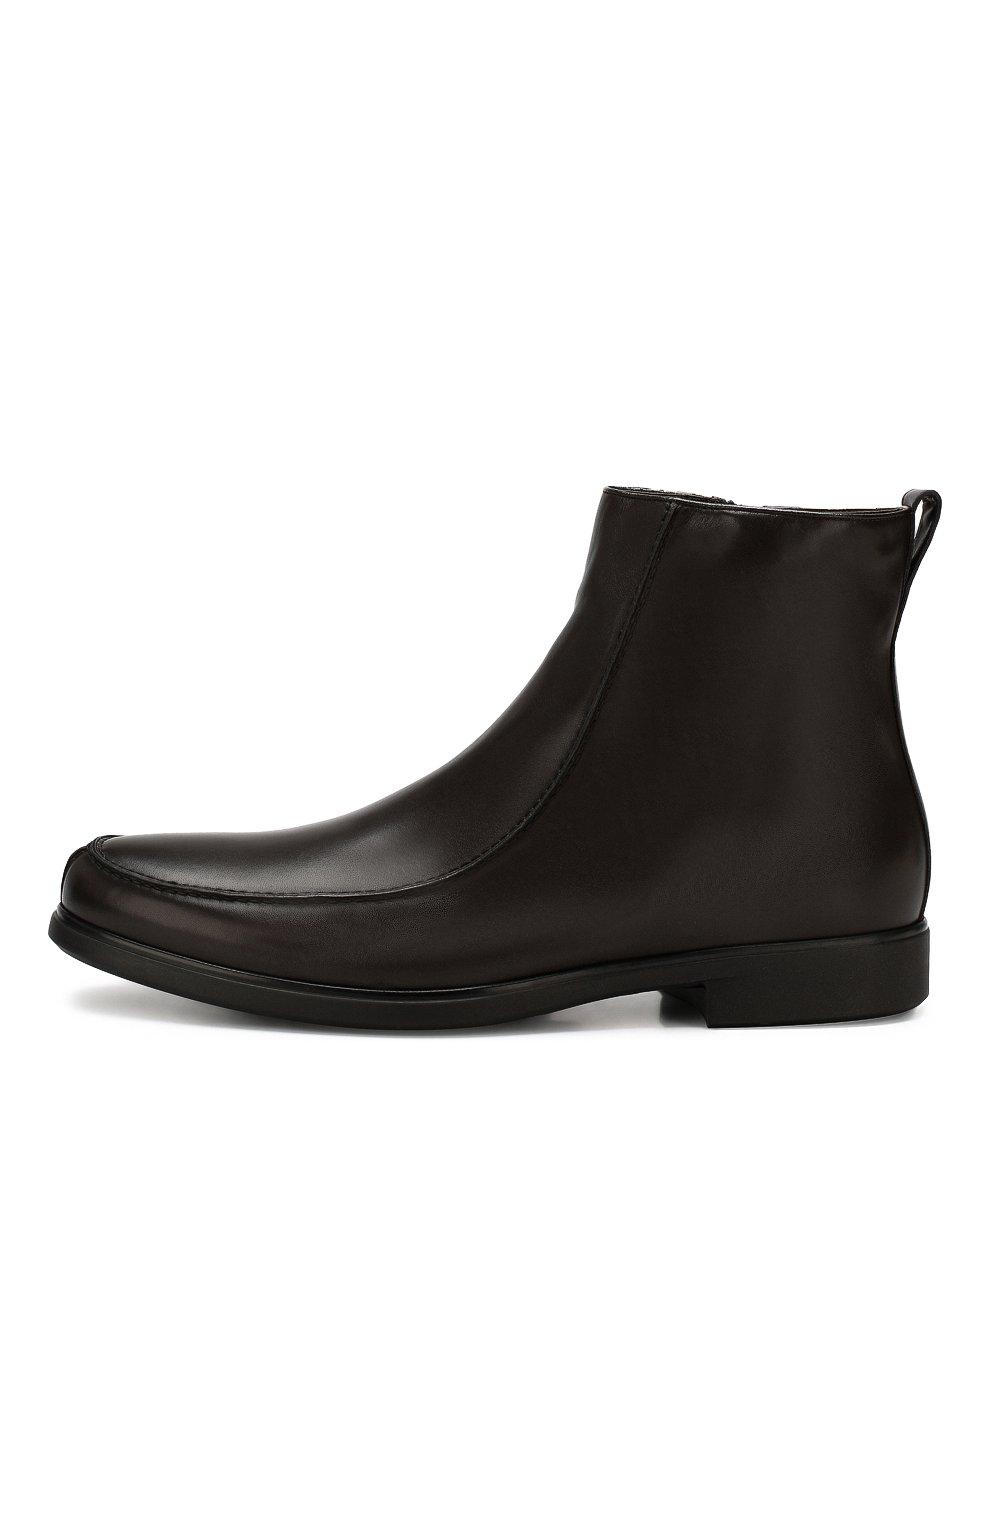 Мужские кожаные сапоги ALDO BRUE темно-коричневого цвета, арт. AB6205H-BR   Фото 3